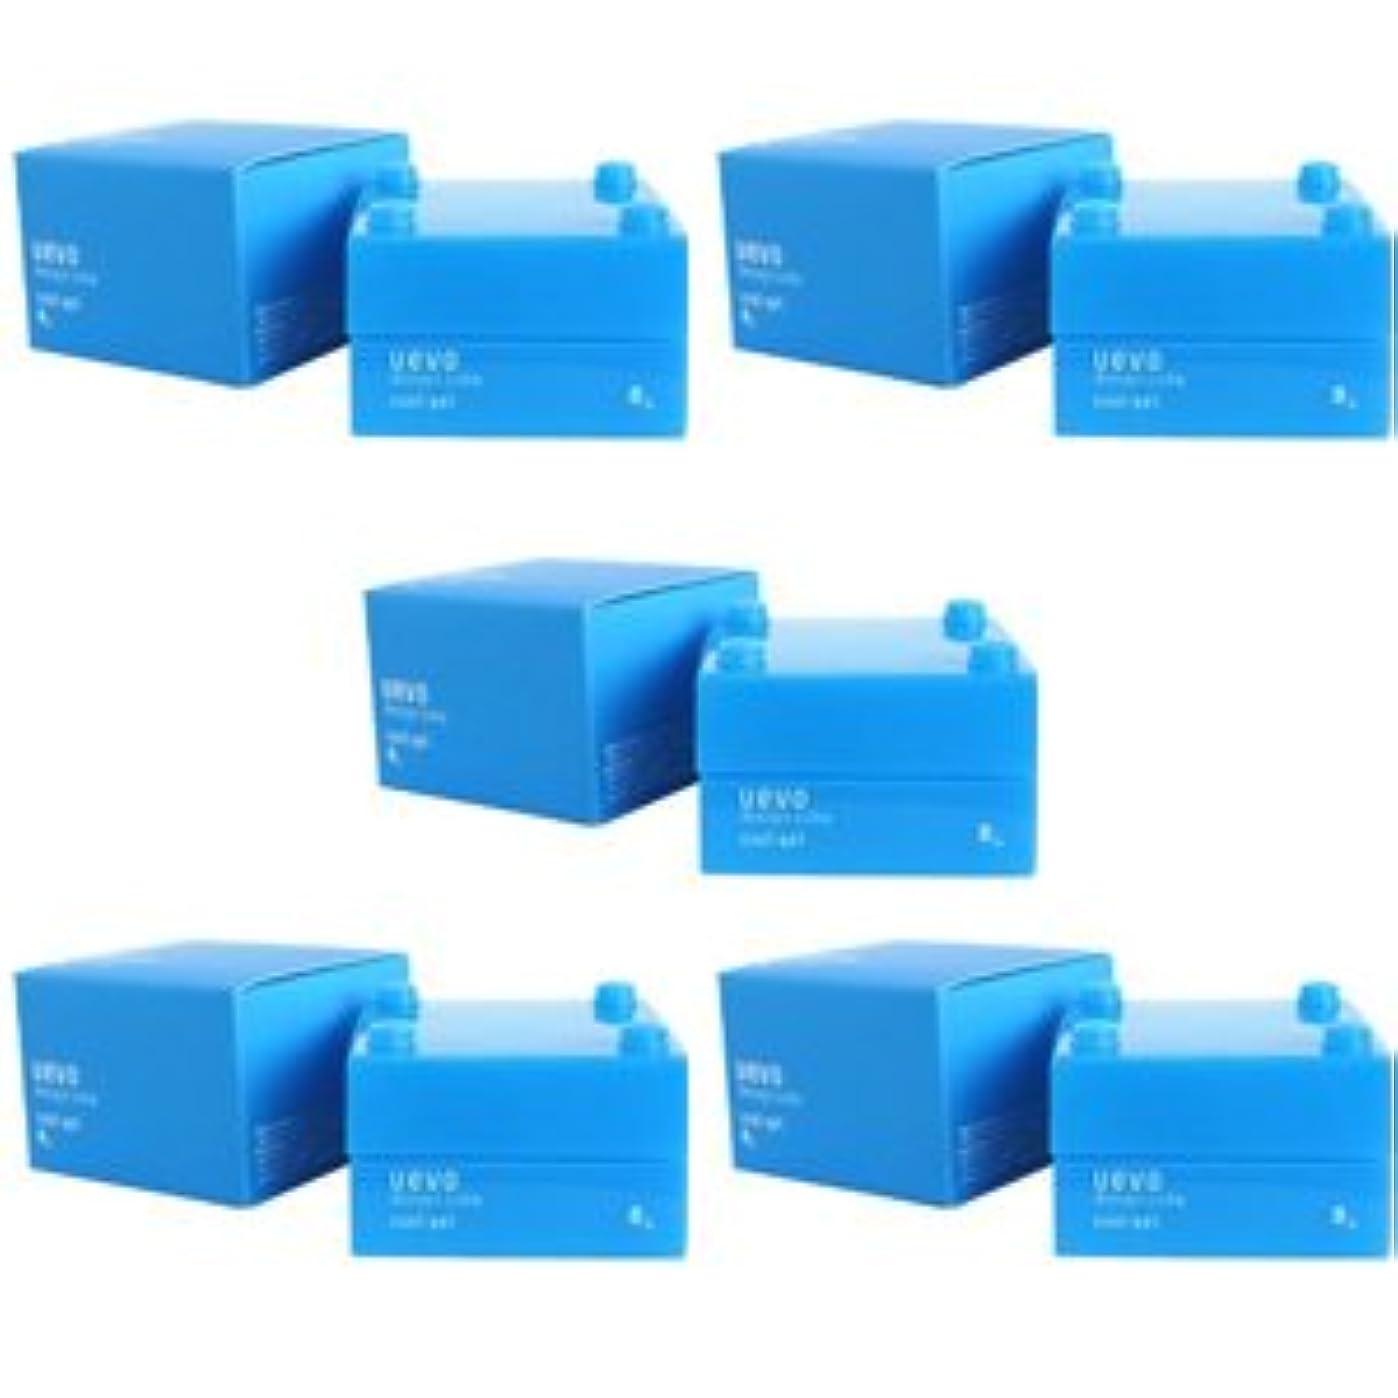 荒らす禁止するターミナル【X5個セット】 デミ ウェーボ デザインキューブ クールジェル 30g cool gel DEMI uevo design cube